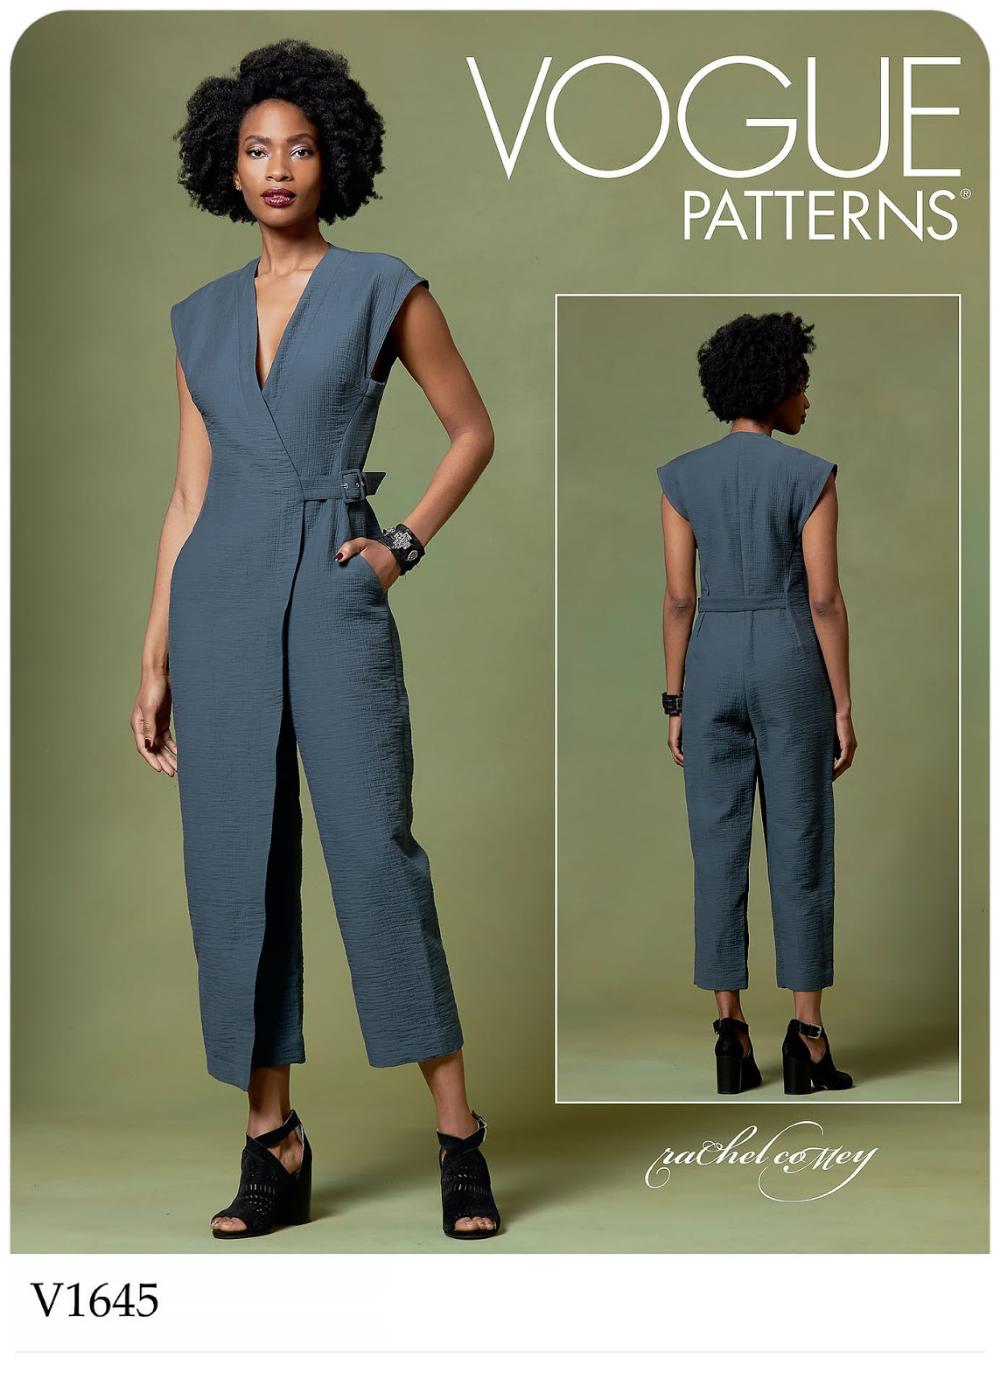 Vogue Patterns 1645 V1645 Jumpsuit Pattern Sewing Vogue